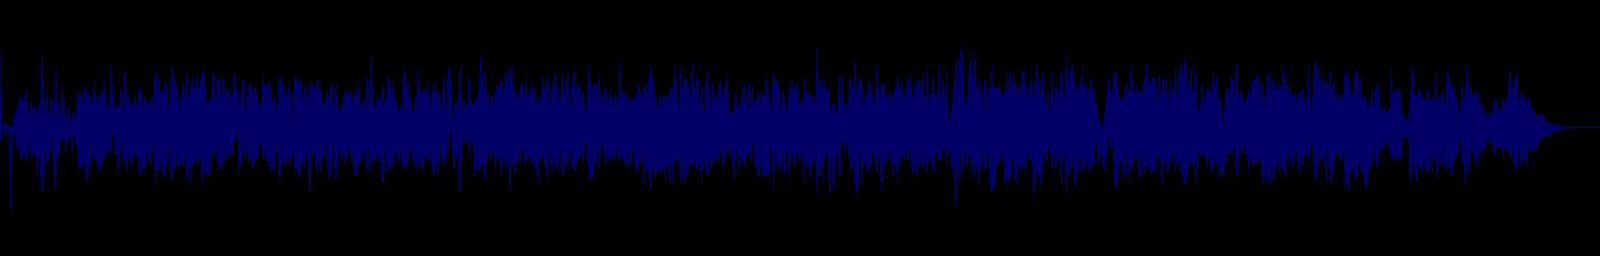 waveform of track #118294